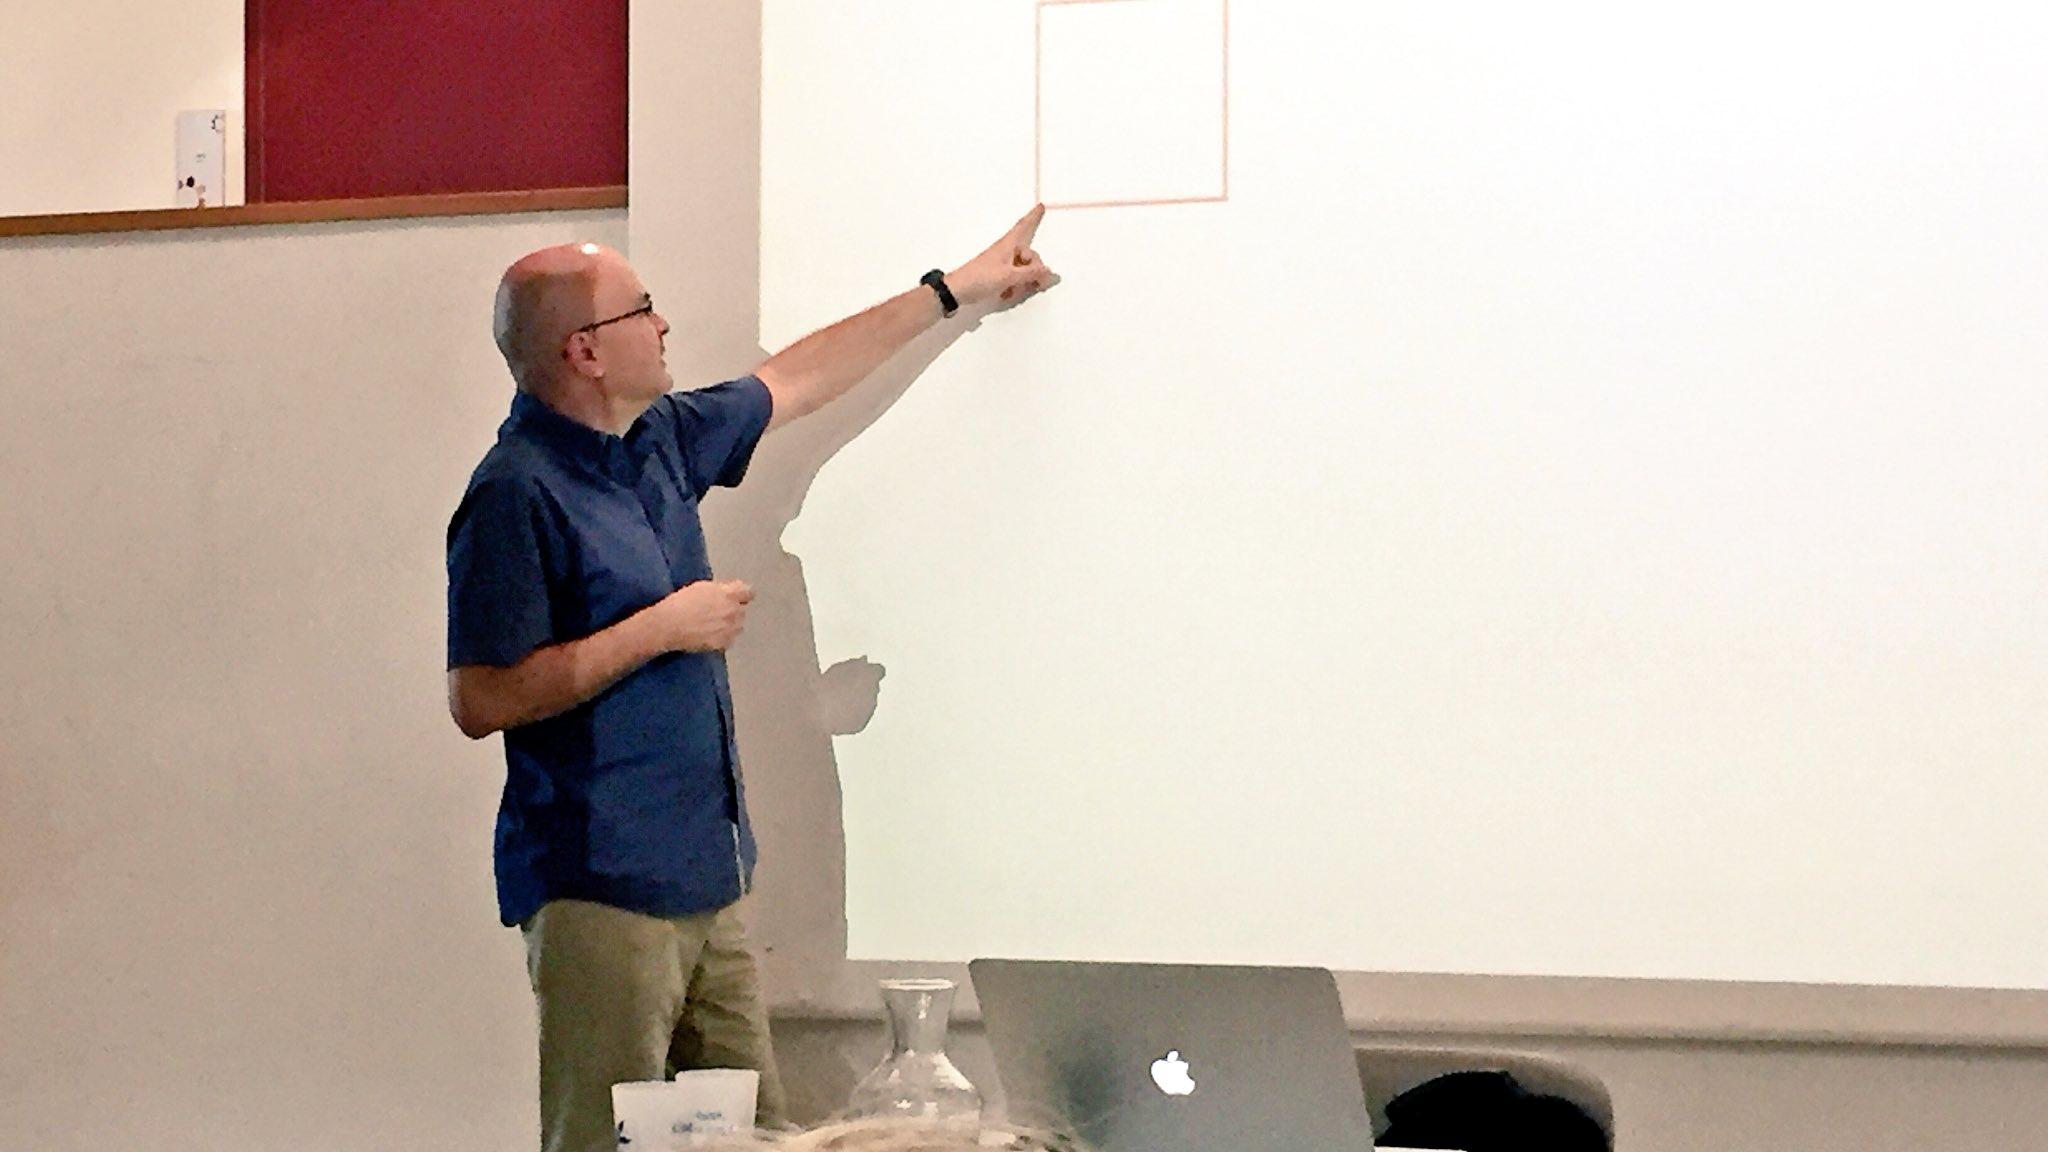 .@pascal_guitton nous explique à partir d'un carrée rouge ce qu'est la modélisation informatique #scienceDD https://t.co/6li4IZPz17